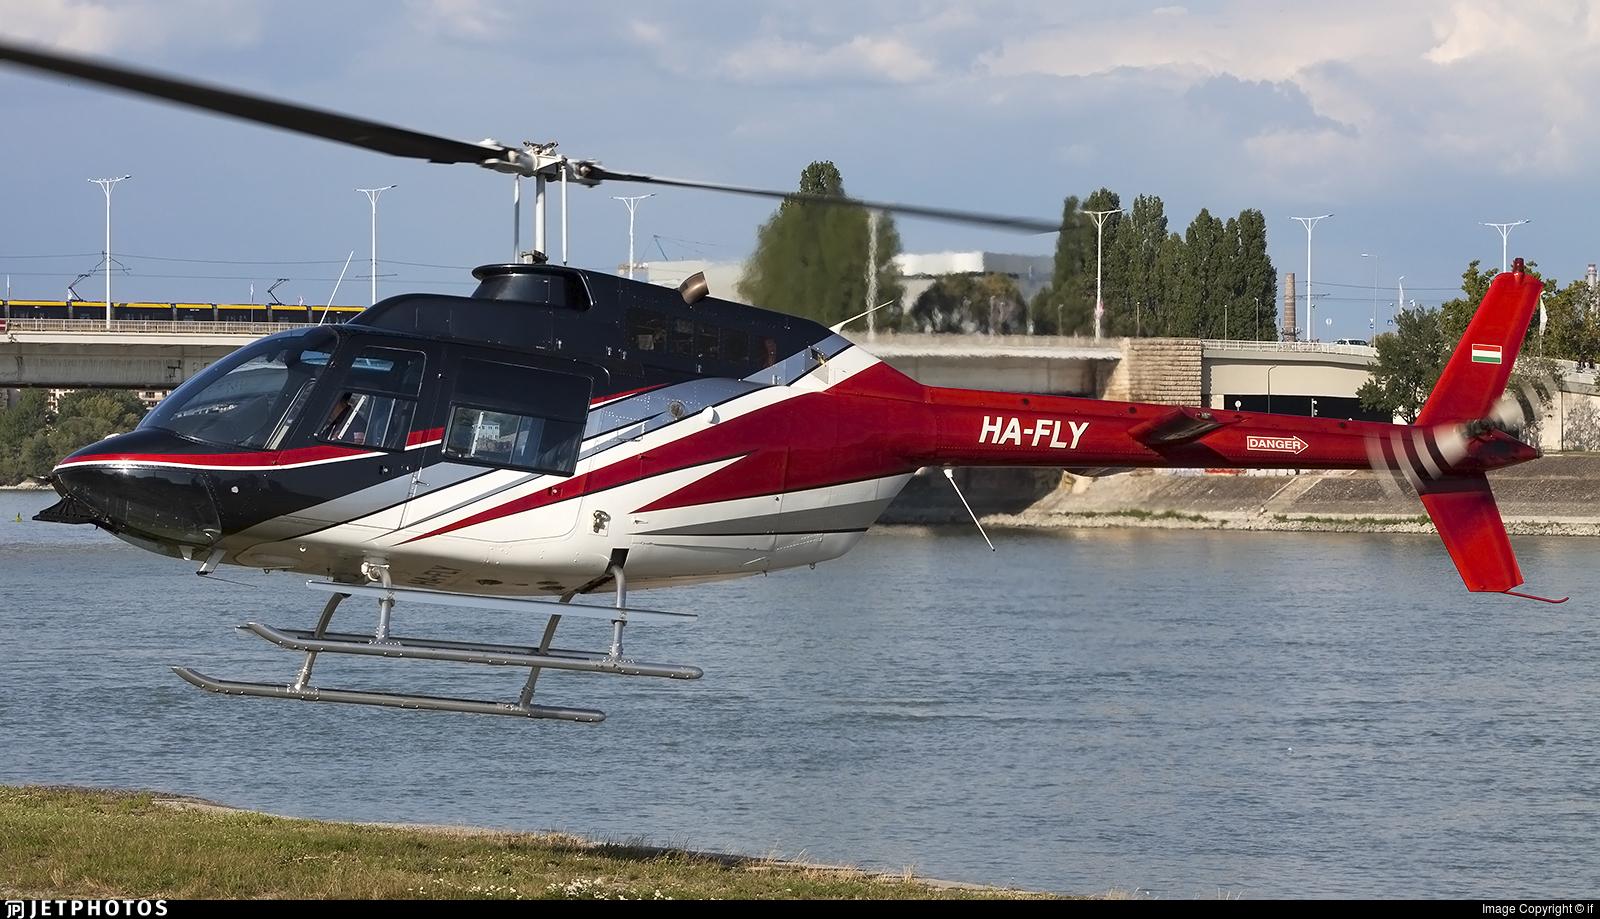 HA-FLY - Bell 206L-3 LongRanger - FLY4less